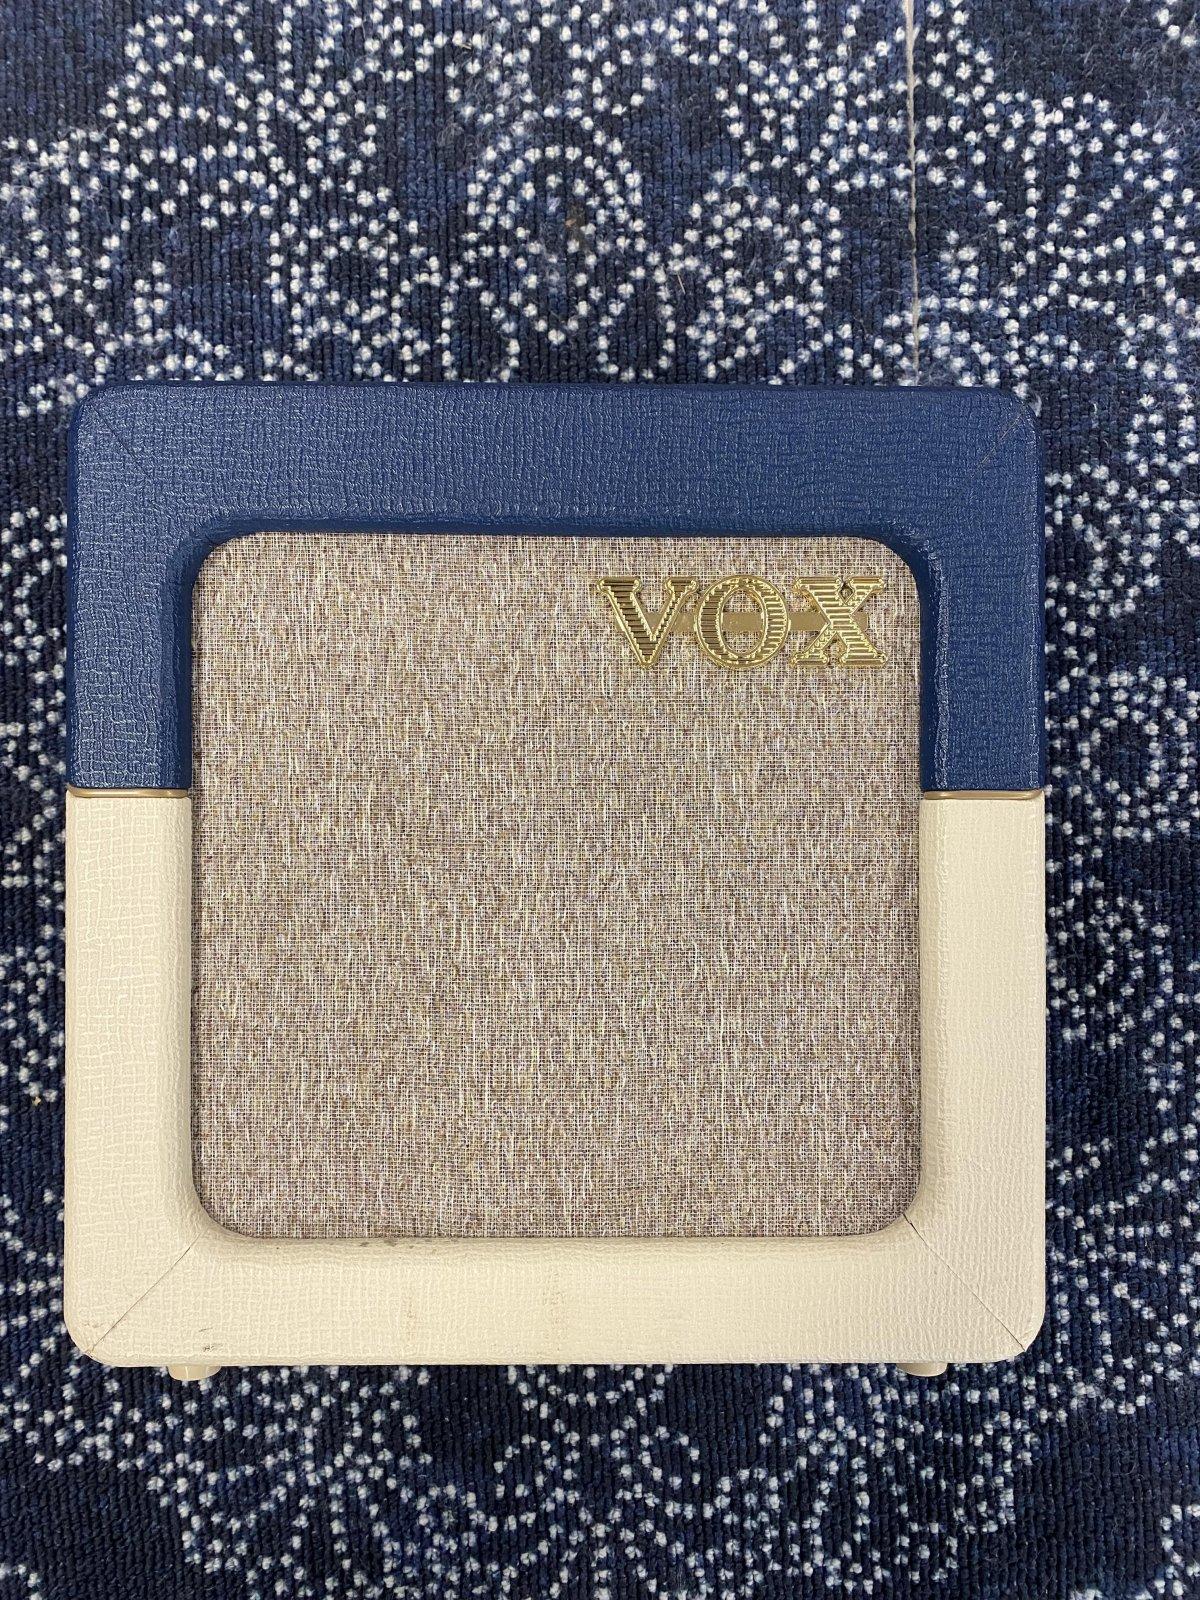 Vox AC41-TV